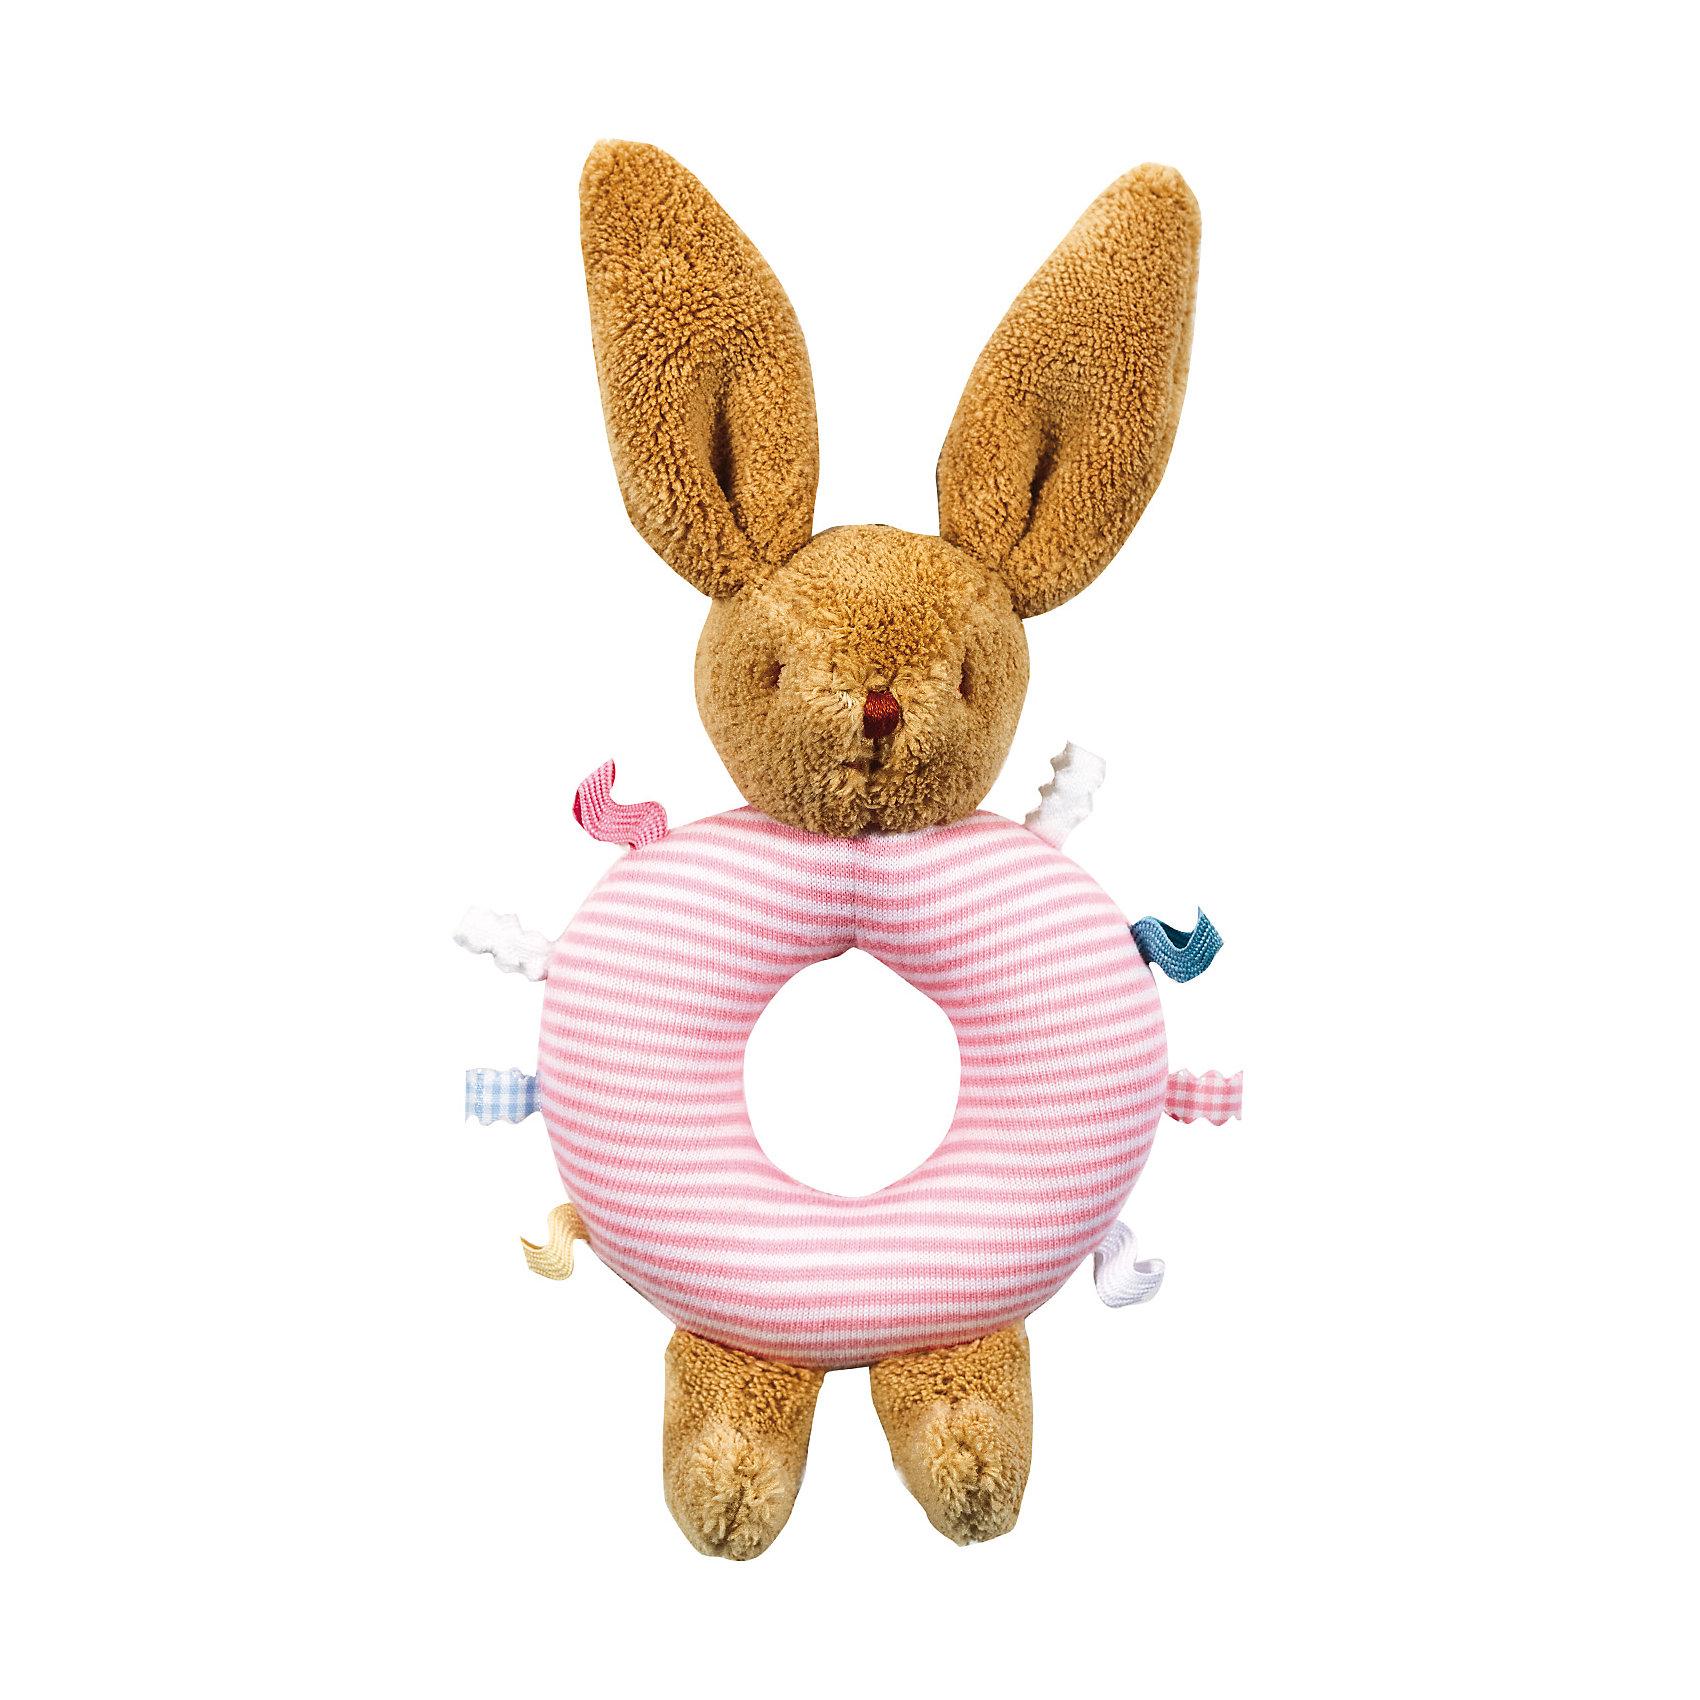 Погремушка-кольцо Зайчик, розовое, 16см&#13;, TrousselierПогремушки<br>Погремушка-кольцо Зайчик, розовое, 16см, Trousselier<br><br>Характеристика:<br><br>-Материалы: текстиль,полиэстер,хлопок<br>-Возраст: от 3 месяцев<br>-Размер: 16 см<br>-Цвет: розовый<br>-Марка: Trousselier<br><br>Погремушка-кольцо очень удобна для малыша. Благодаря кольцу, ребёнку будет легко держать погремушку. Ребёнок не сможет пораниться, ведь вся погремушка мягкая, словно плюшевая игрушка. Выполнена она в виде зайчика, а кольцо посередине имеет веселую полосатую окраску . Погремушка будет развивать слух, внимание и цветовое восприятие.<br><br>Погремушка-кольцо Зайчик, розовое, 16см, Trousselier можно приобрести в нашем интернет-магазине.<br><br>Ширина мм: 160<br>Глубина мм: 40<br>Высота мм: 40<br>Вес г: 180<br>Возраст от месяцев: -2147483648<br>Возраст до месяцев: 2147483647<br>Пол: Женский<br>Возраст: Детский<br>SKU: 4964793